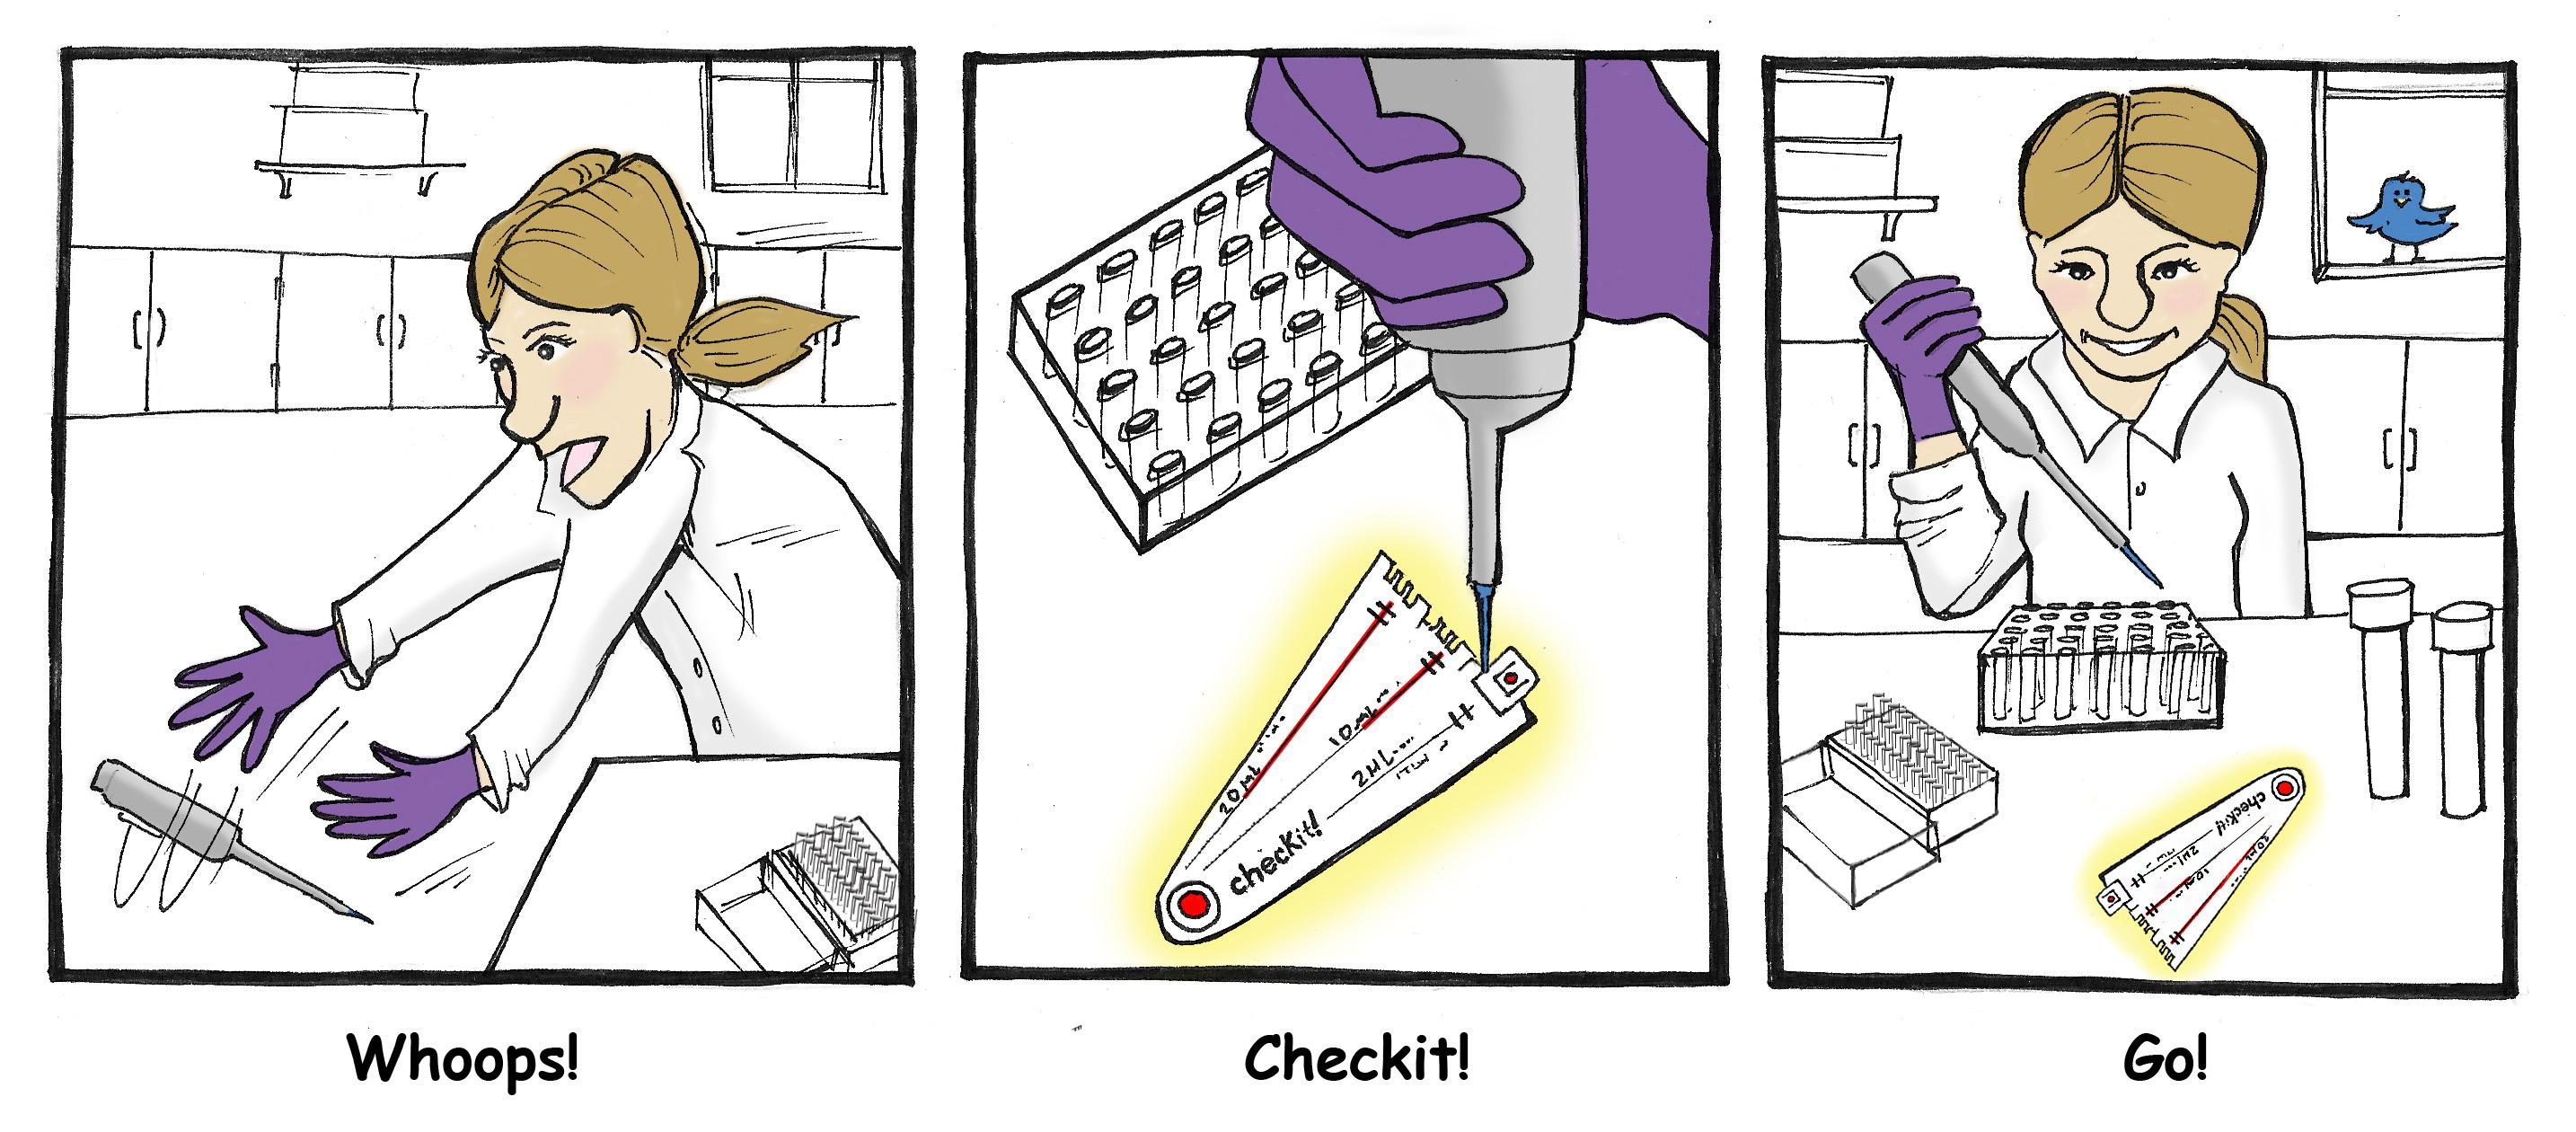 Pipette Checkit